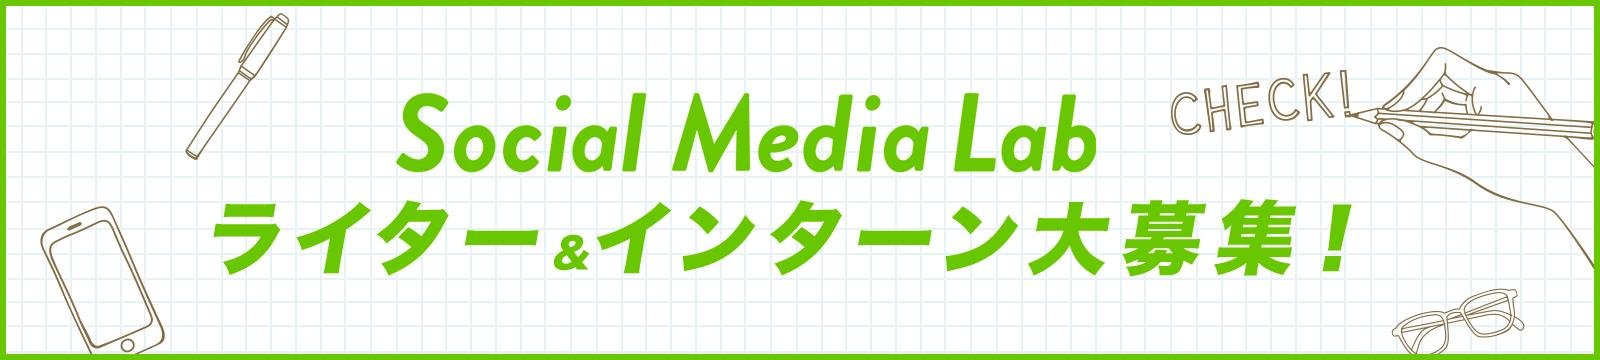 ソーシャルメディアラボライター・インターン募集